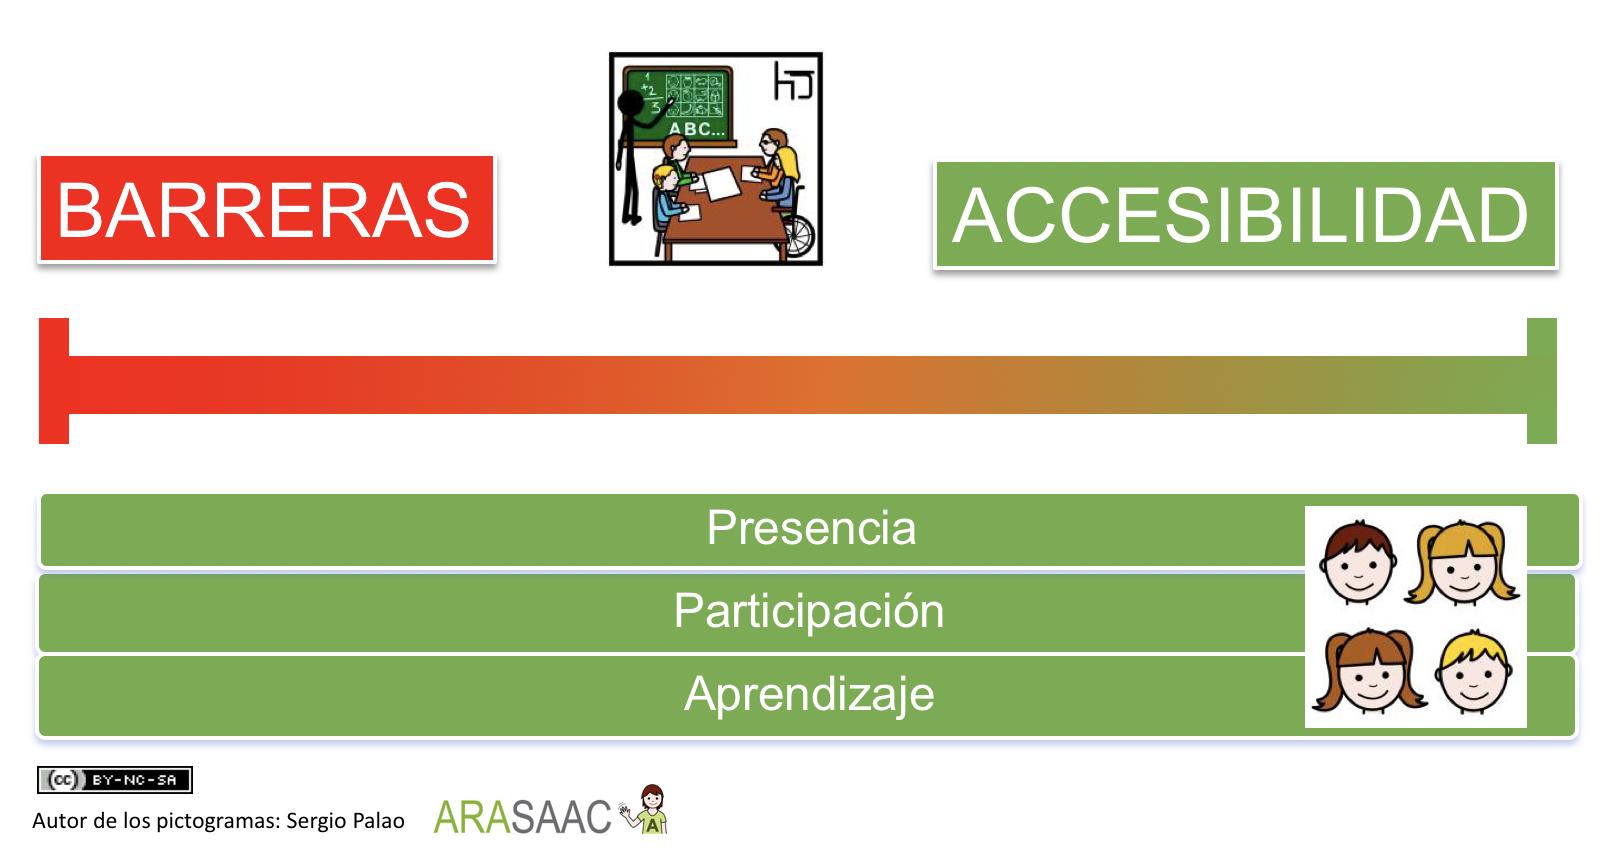 de las barreras a la accesibilidad: los centros educativos deben eliminar las barreras para favorecer la presencia, la participación y el aprendizaje de todo su alumnado.